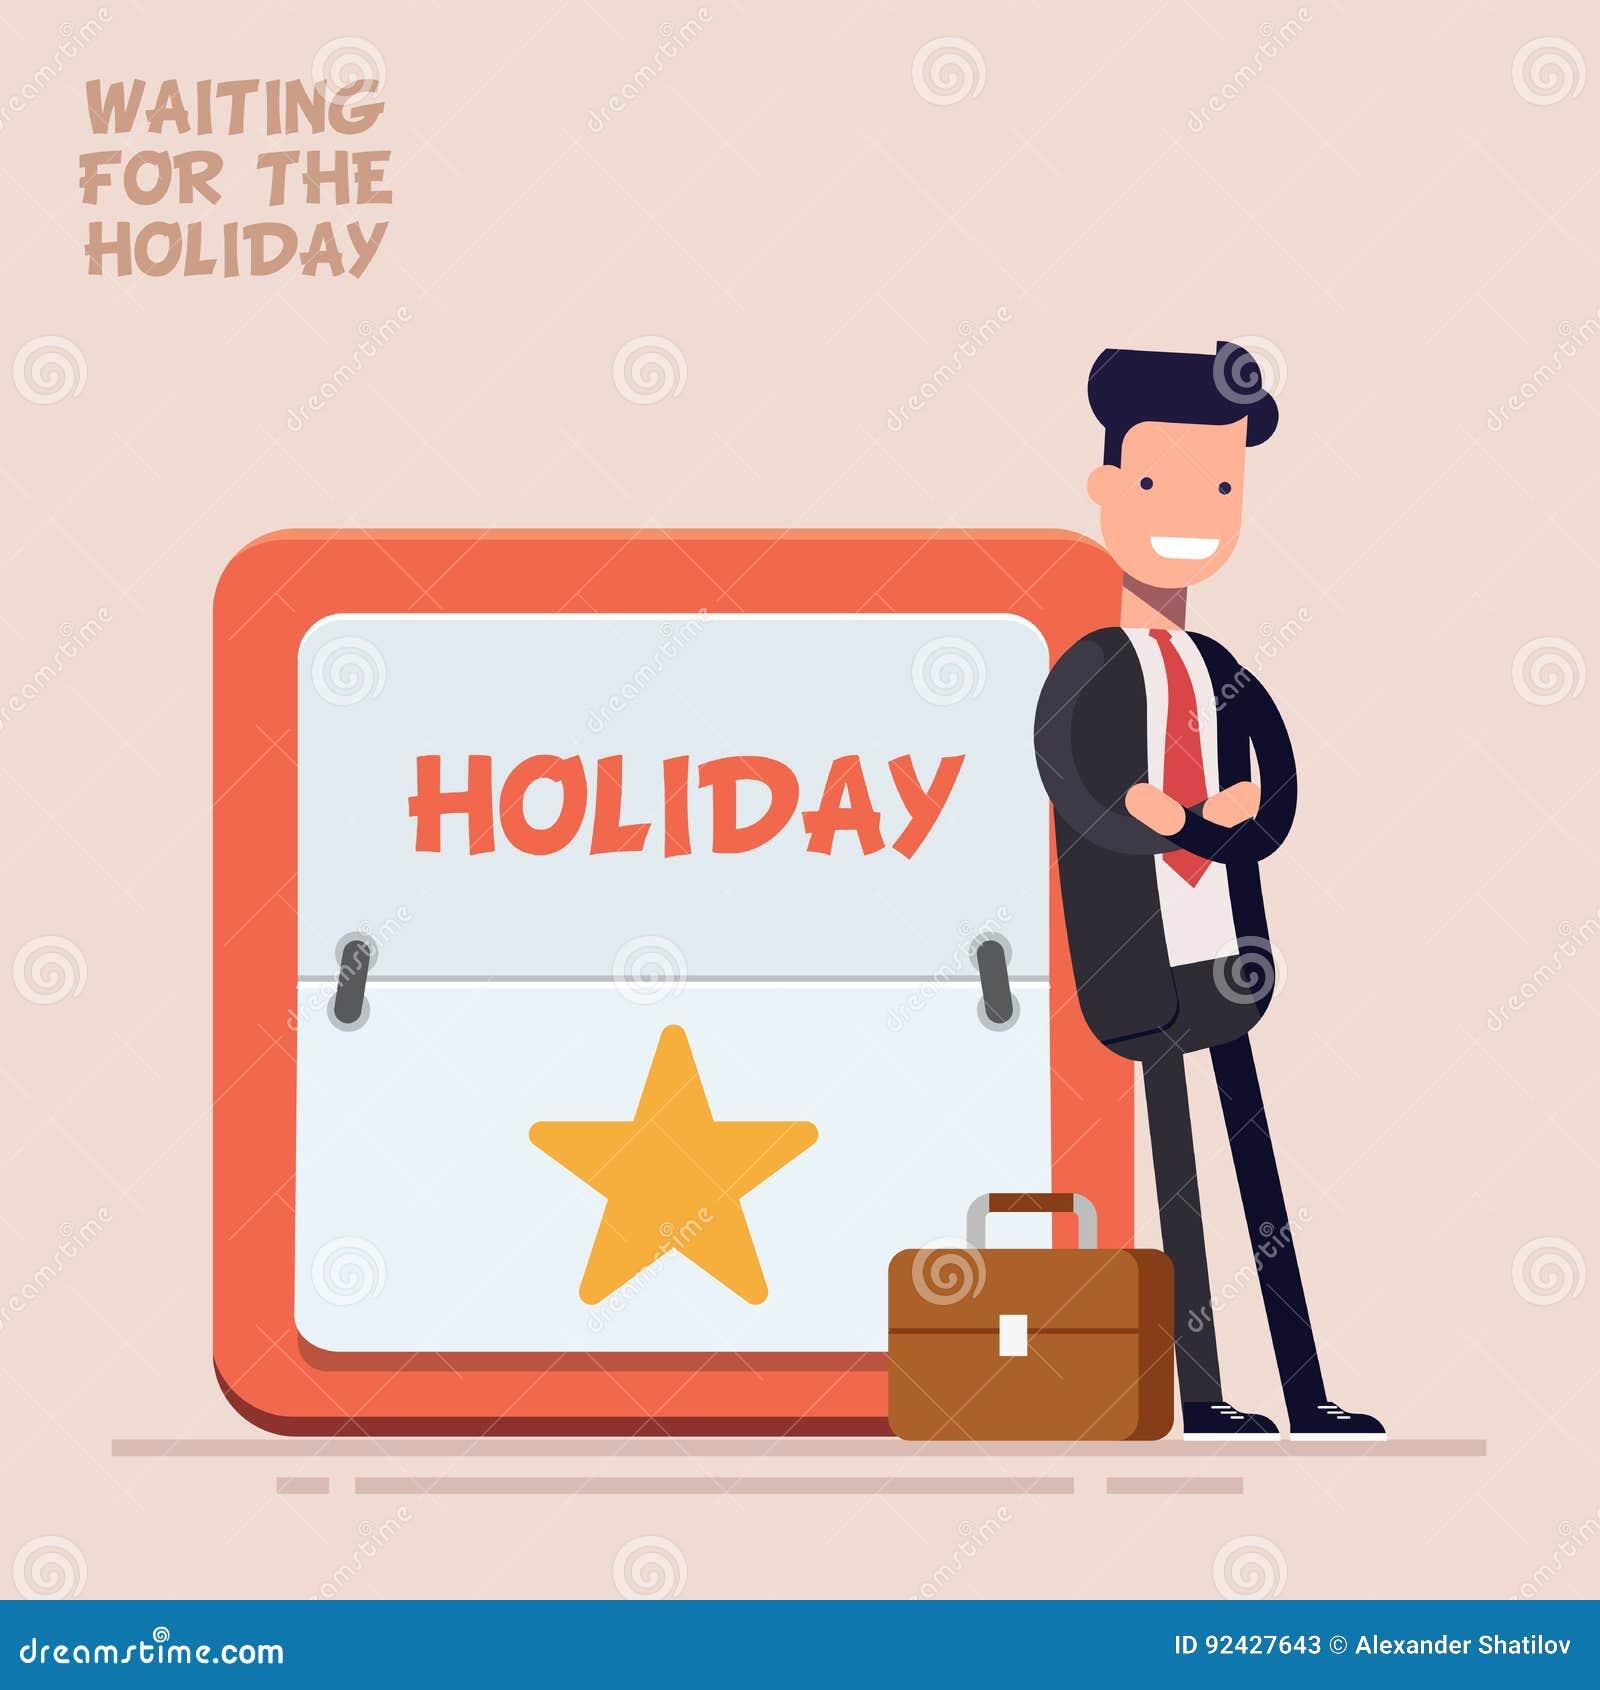 Affärsmannen eller chefen i en affärsdräkt och resväska står nära en stor kalender med en helg eller en ferie plant